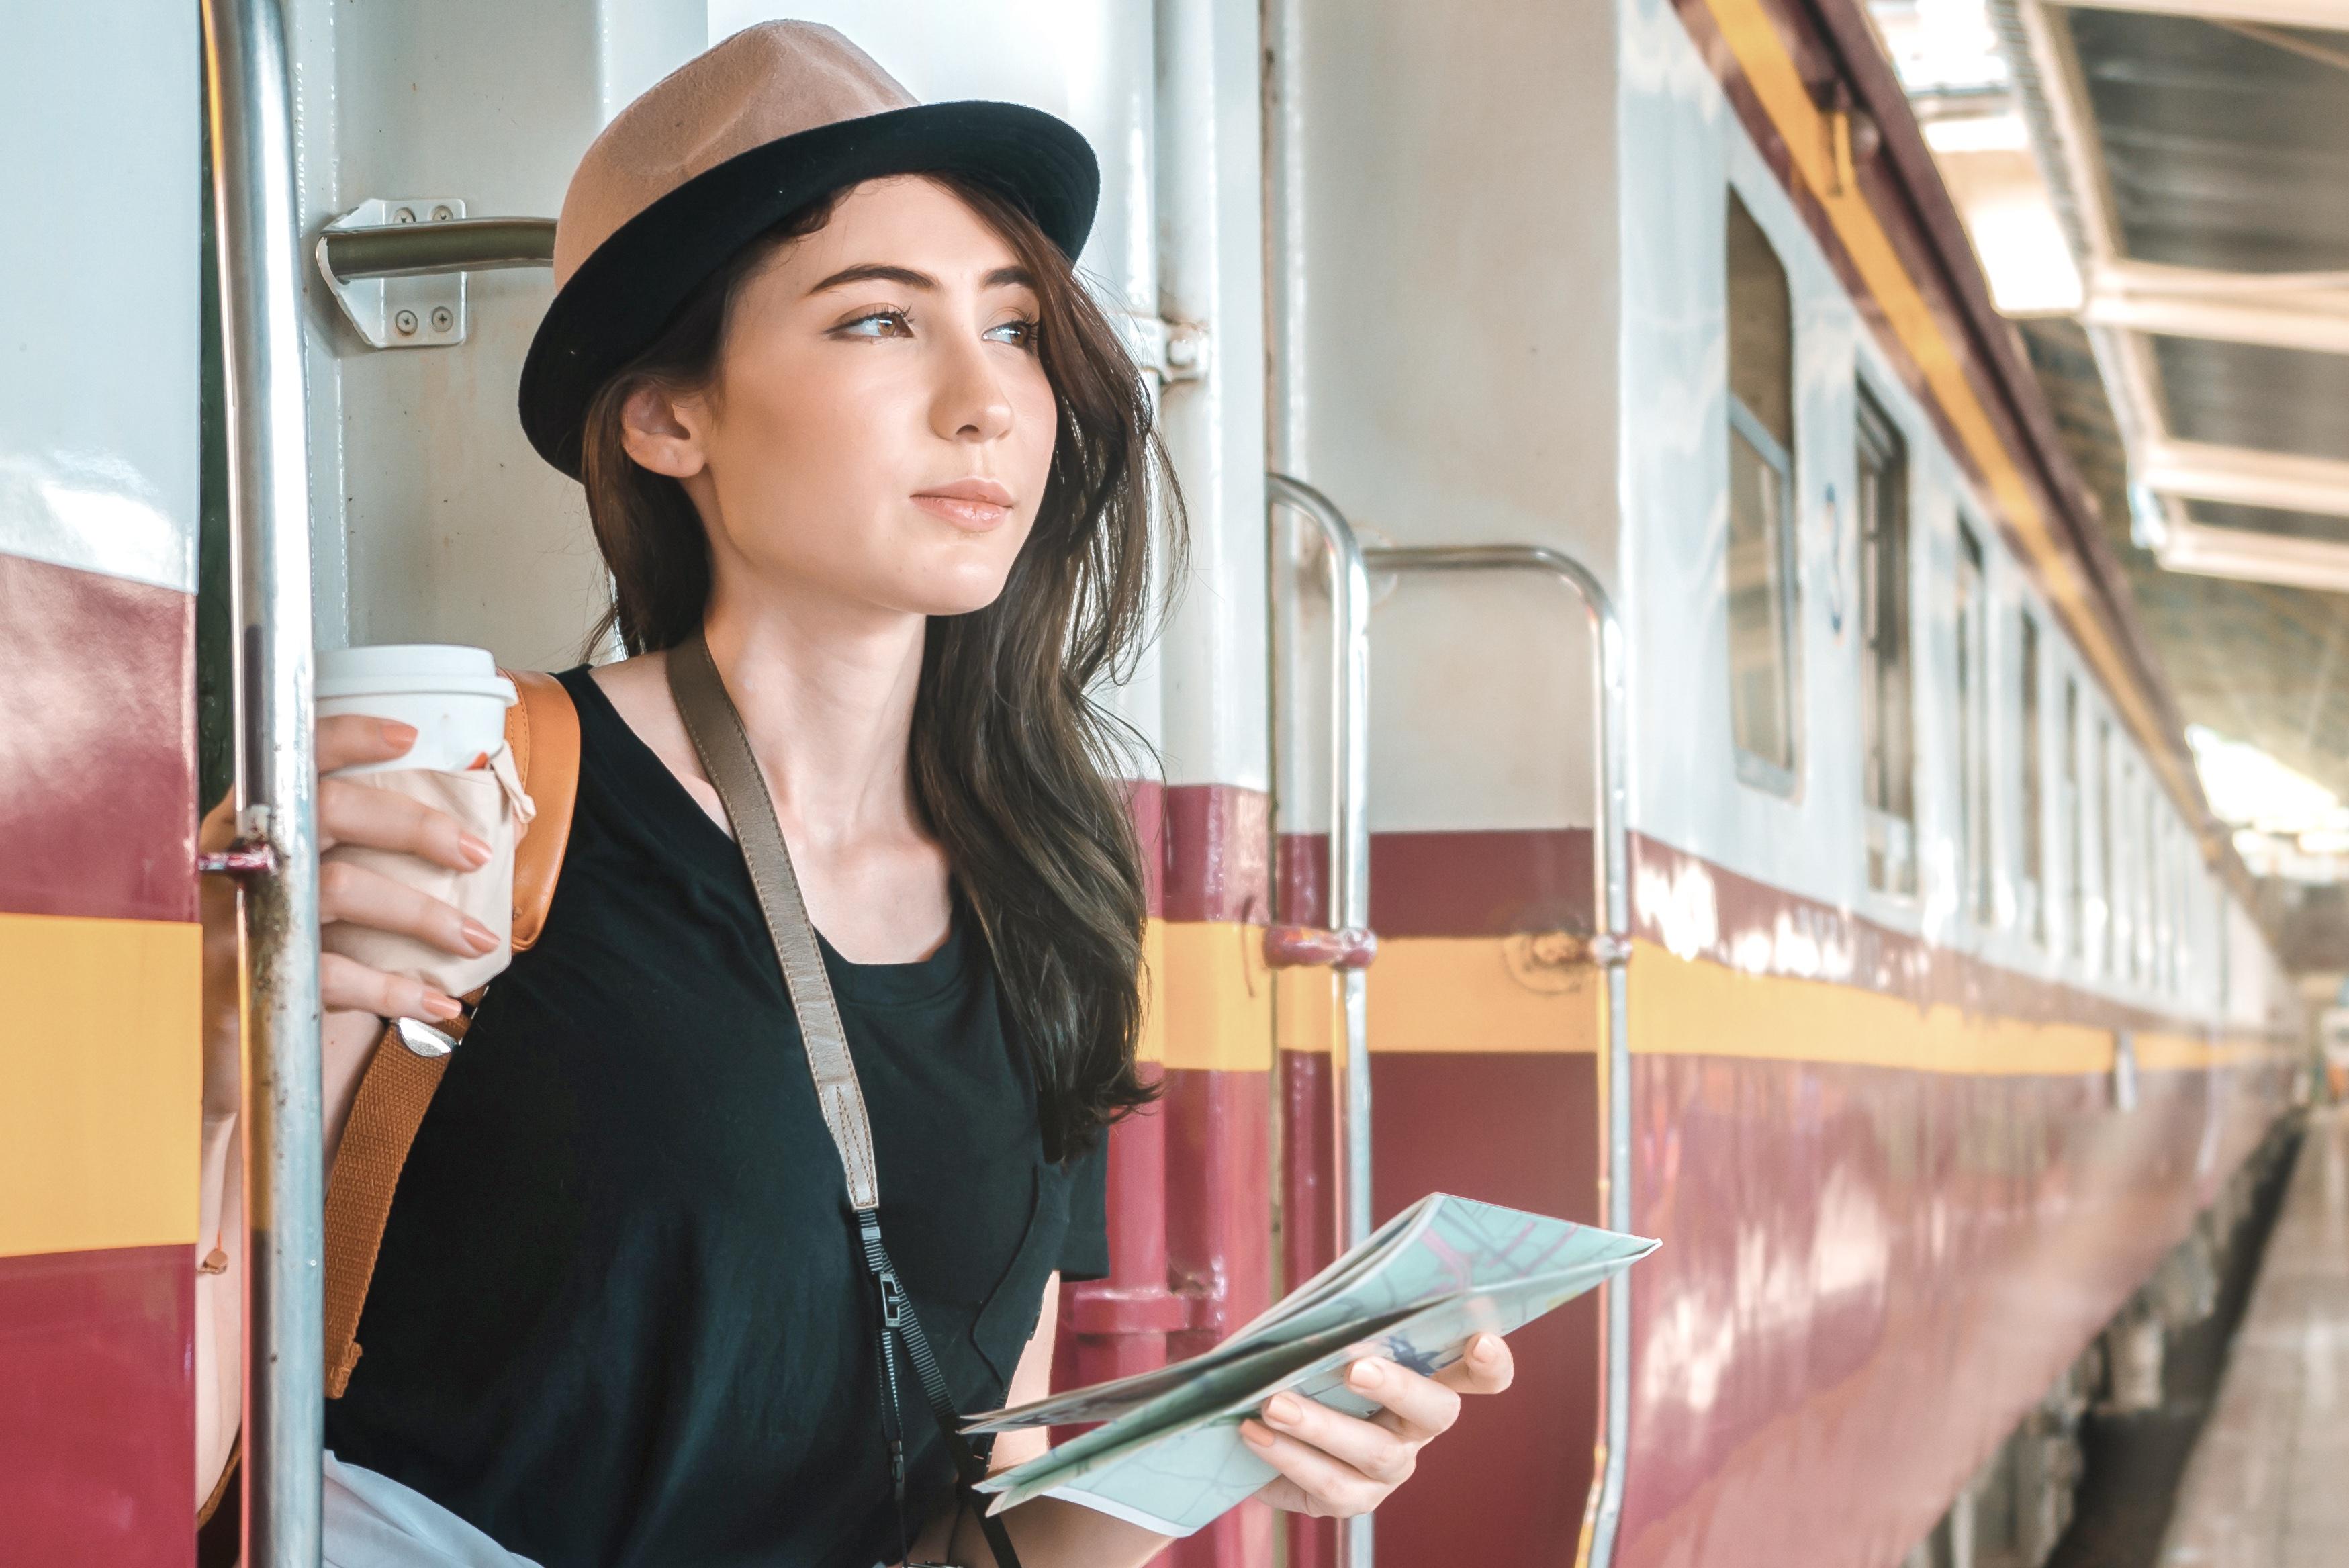 Ein Frau steht am Zug und schaut auf einen Straßenplan